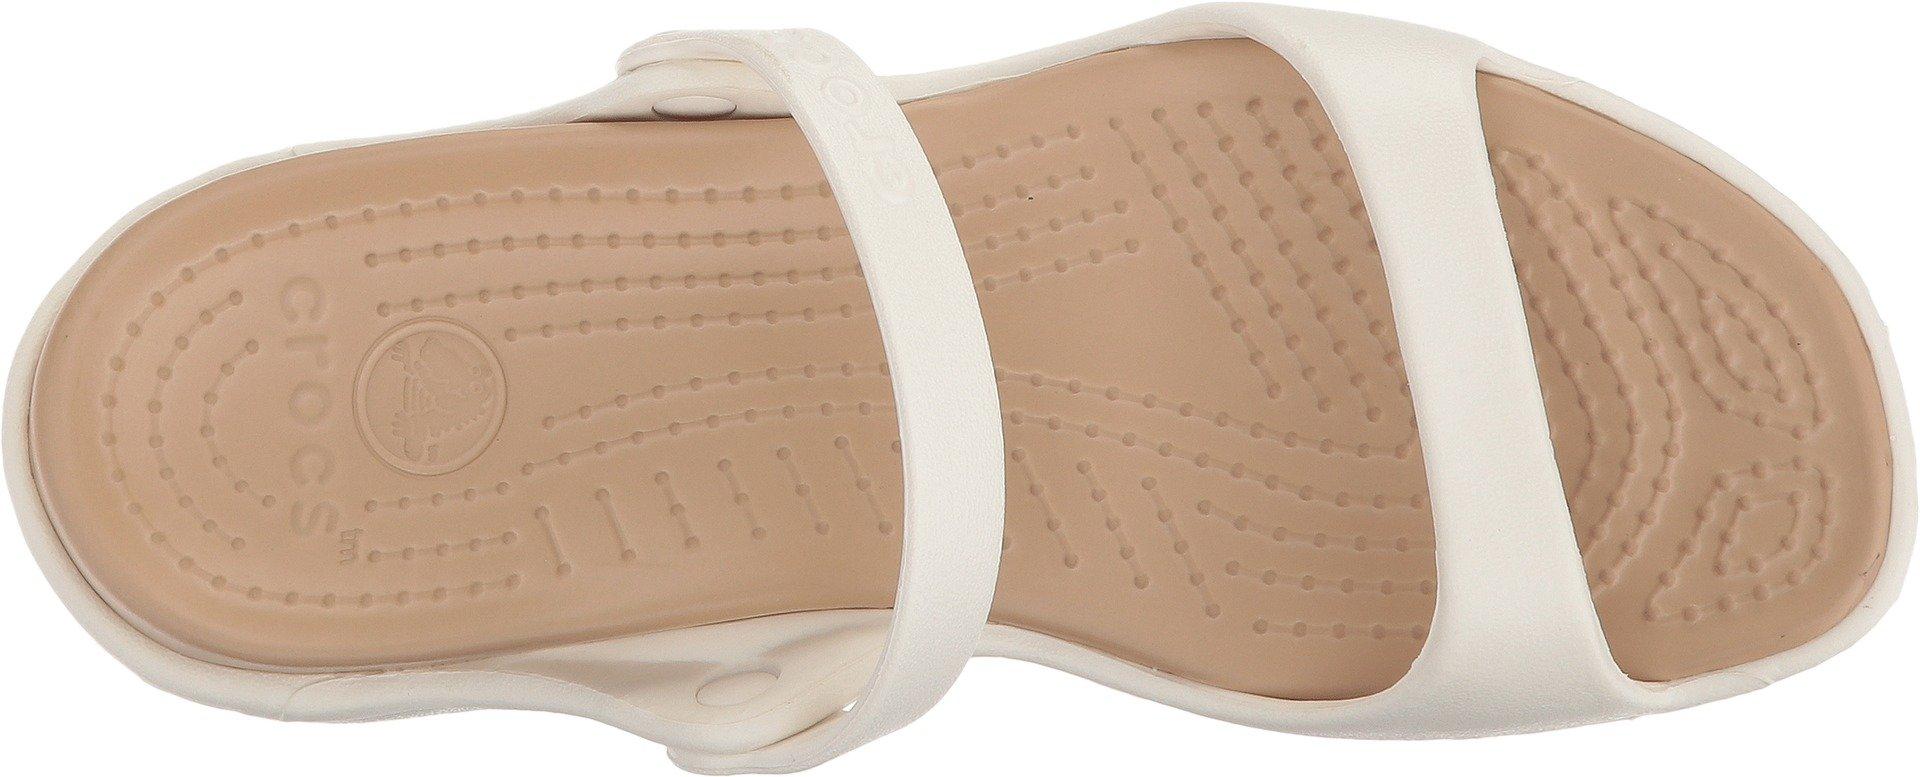 22aaf981dc66 Crocs Women s Cleo Flat Sandal